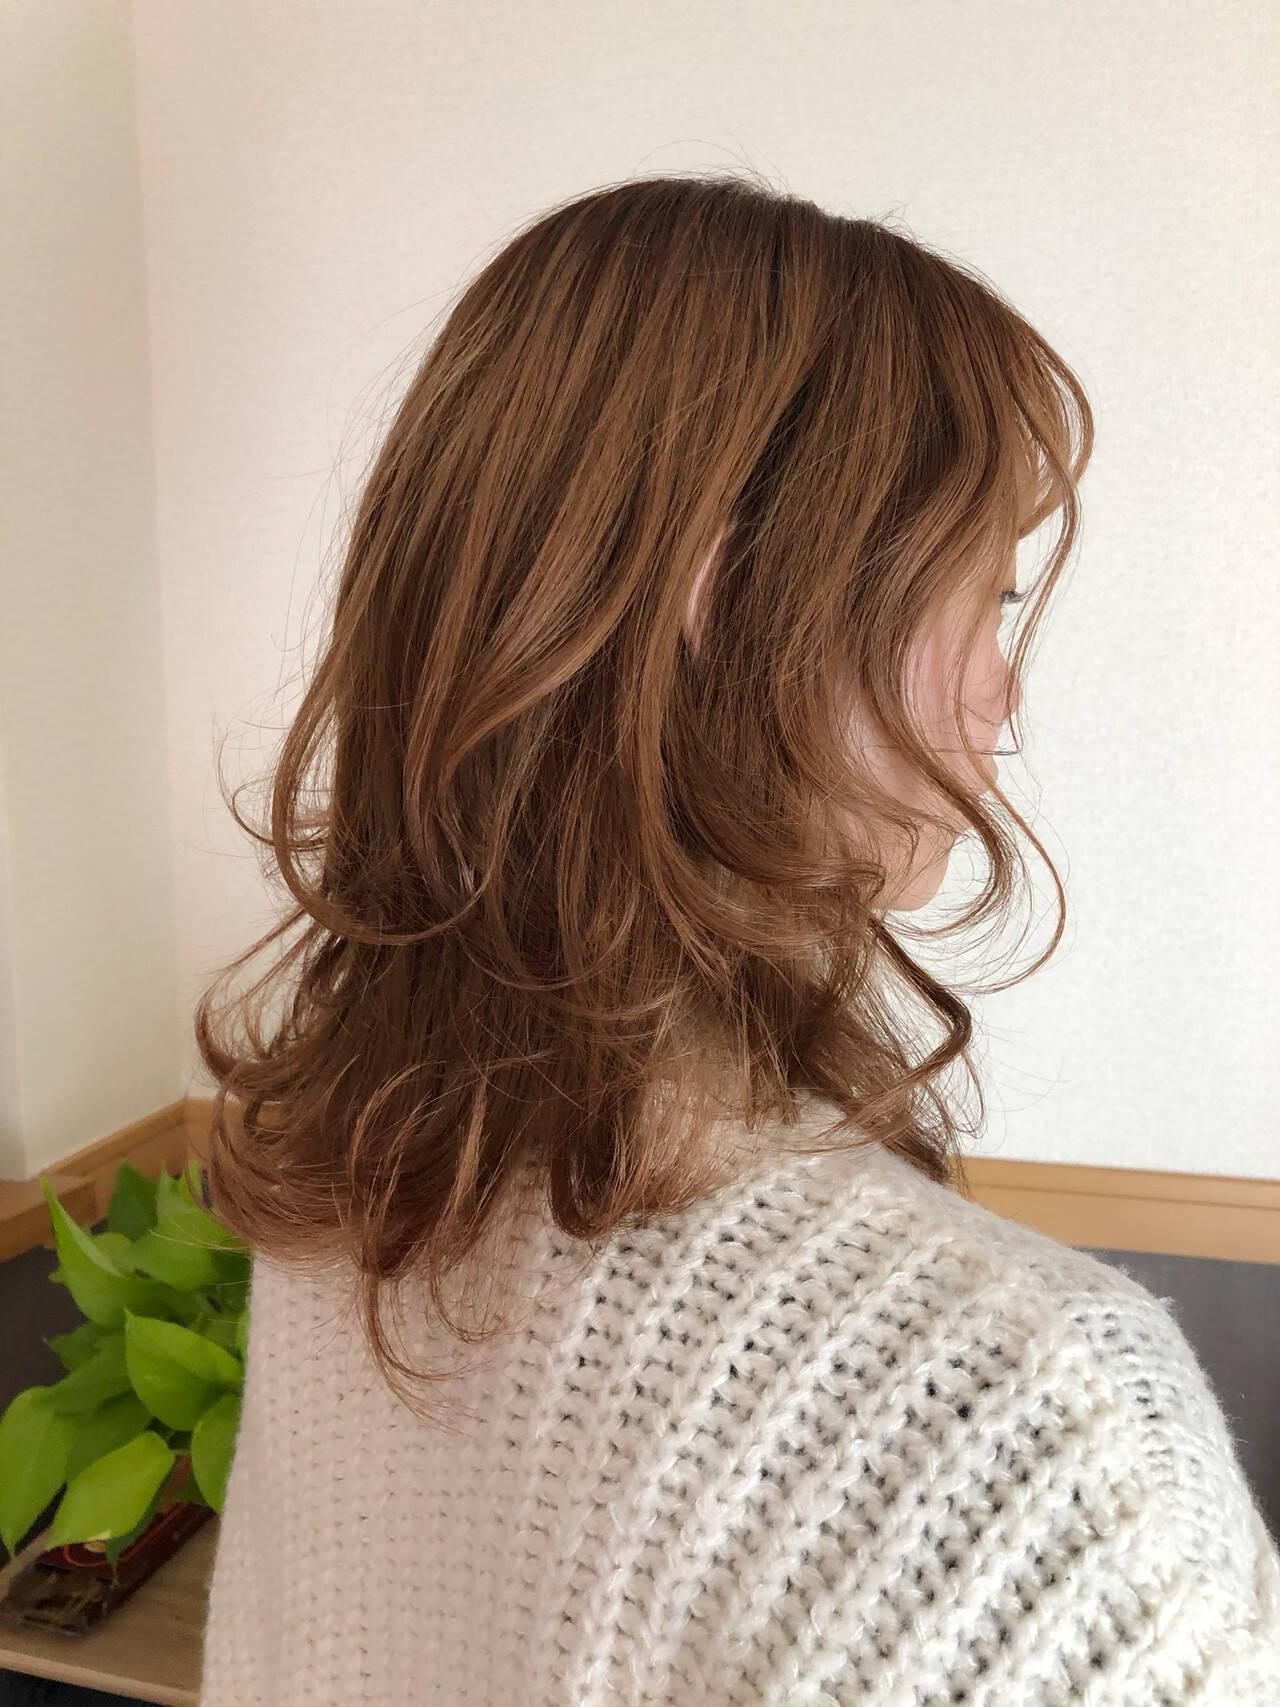 ウルフカット レイヤーカット レイヤースタイル フェミニンヘアスタイルや髪型の写真・画像